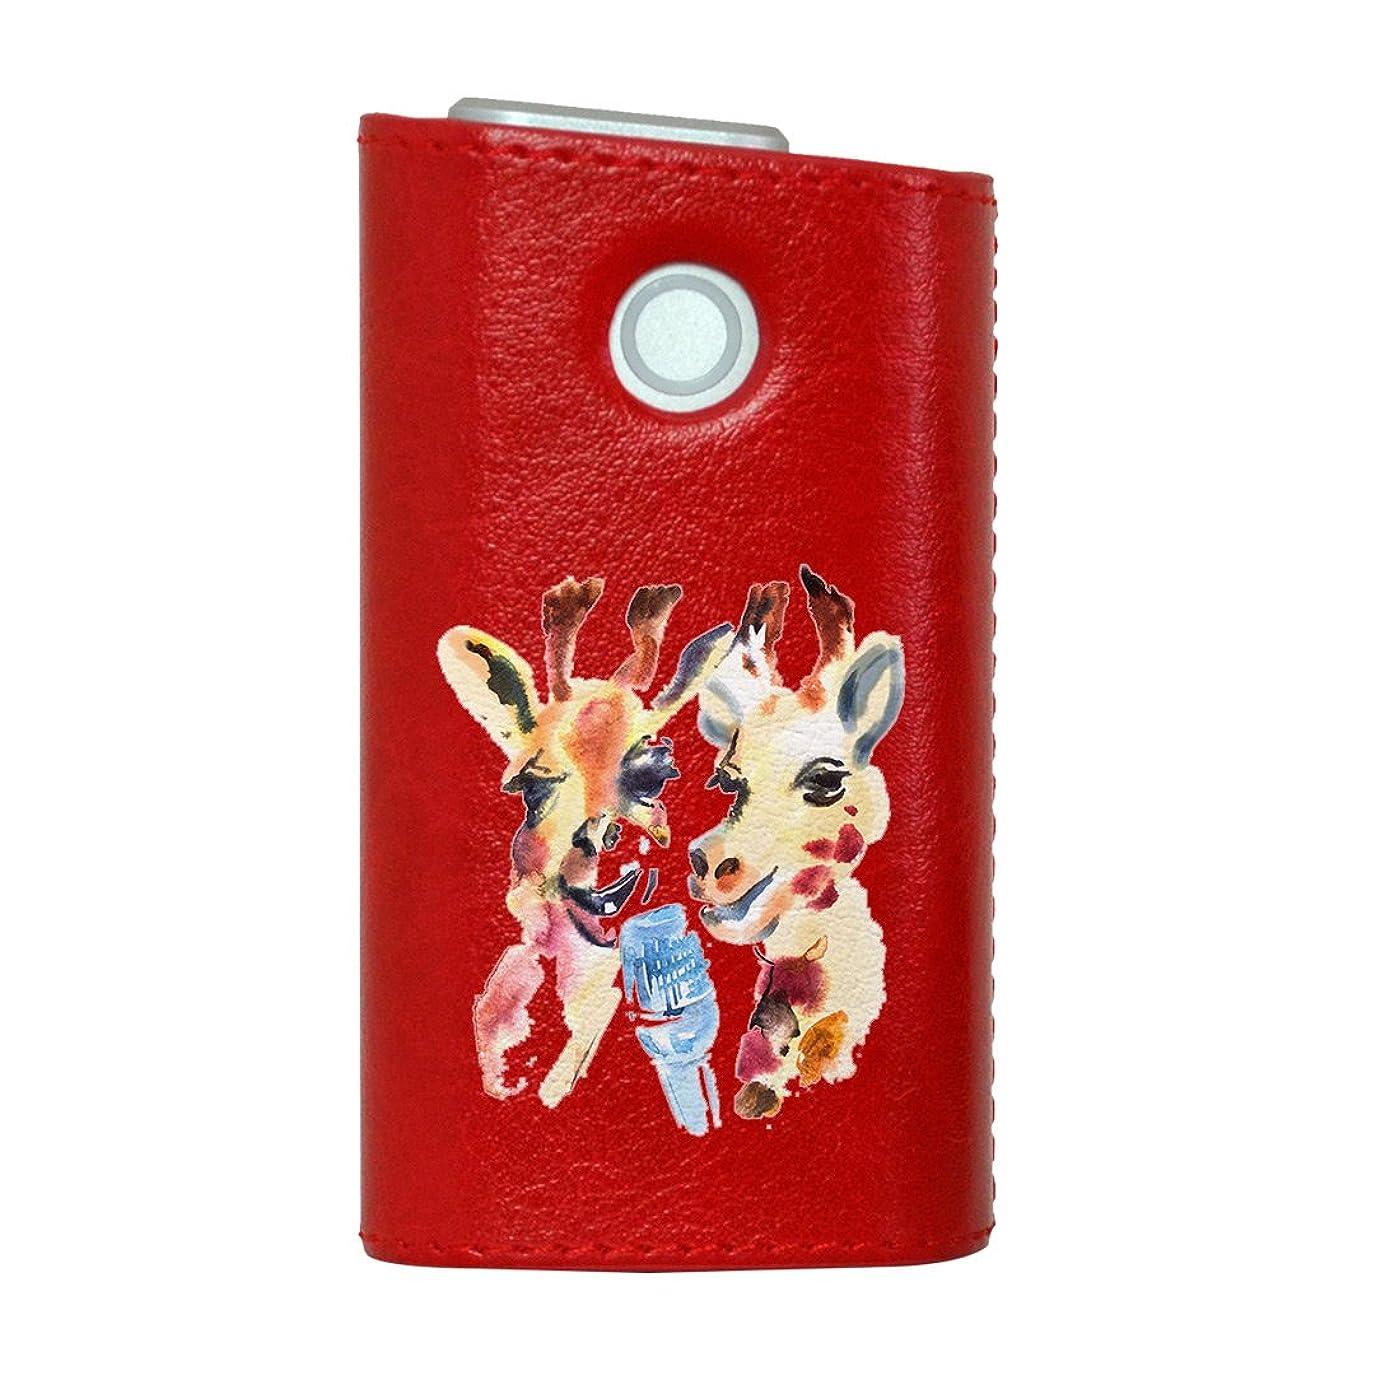 キャメル測るちらつきglo グロー グロウ 専用 レザーケース レザーカバー タバコ ケース カバー 合皮 ハードケース カバー 収納 デザイン 革 皮 RED レッド きりん 色彩 マイク 010944